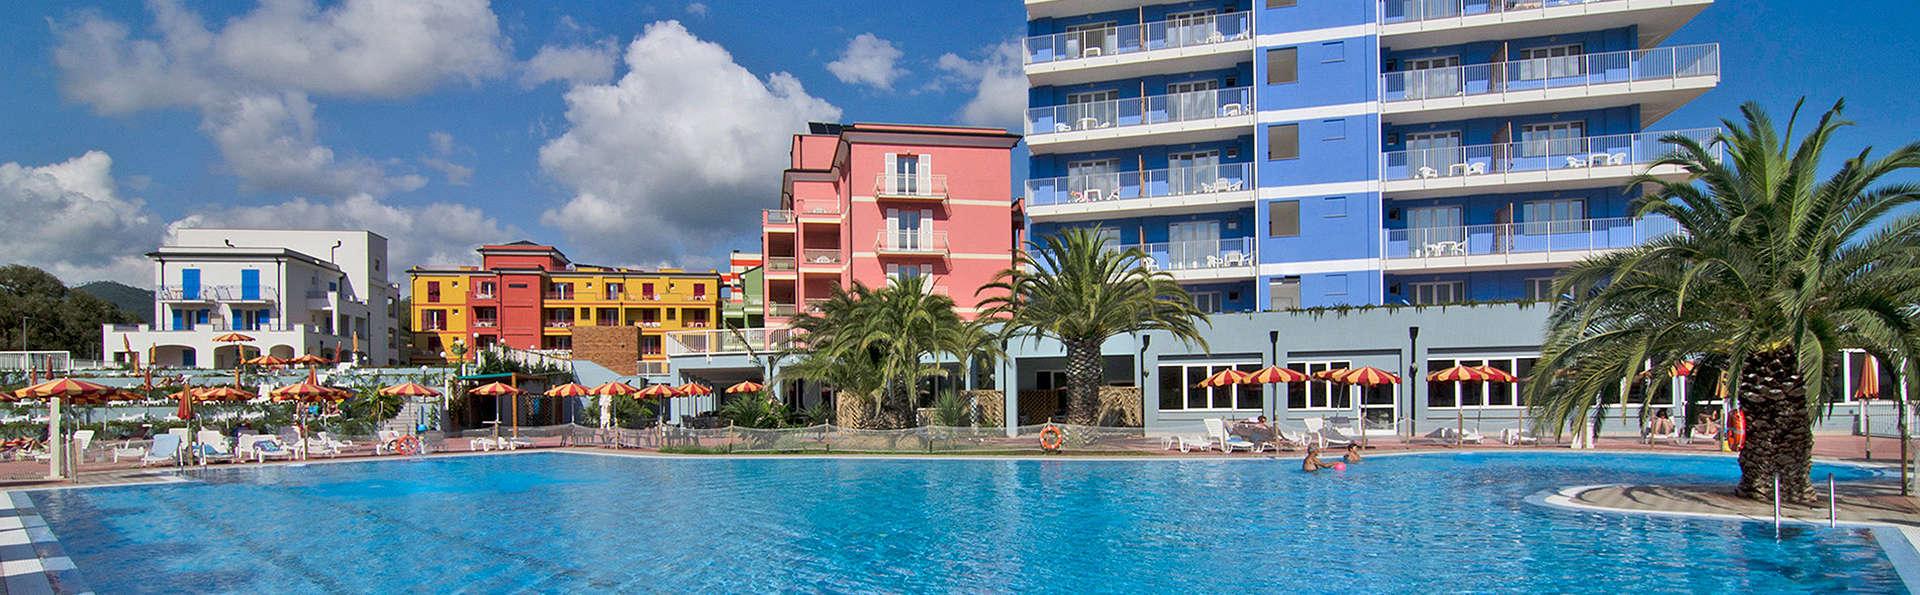 Ai Pozzi Village - edit_Hotel-con-vista-sulla-piscina.jpg